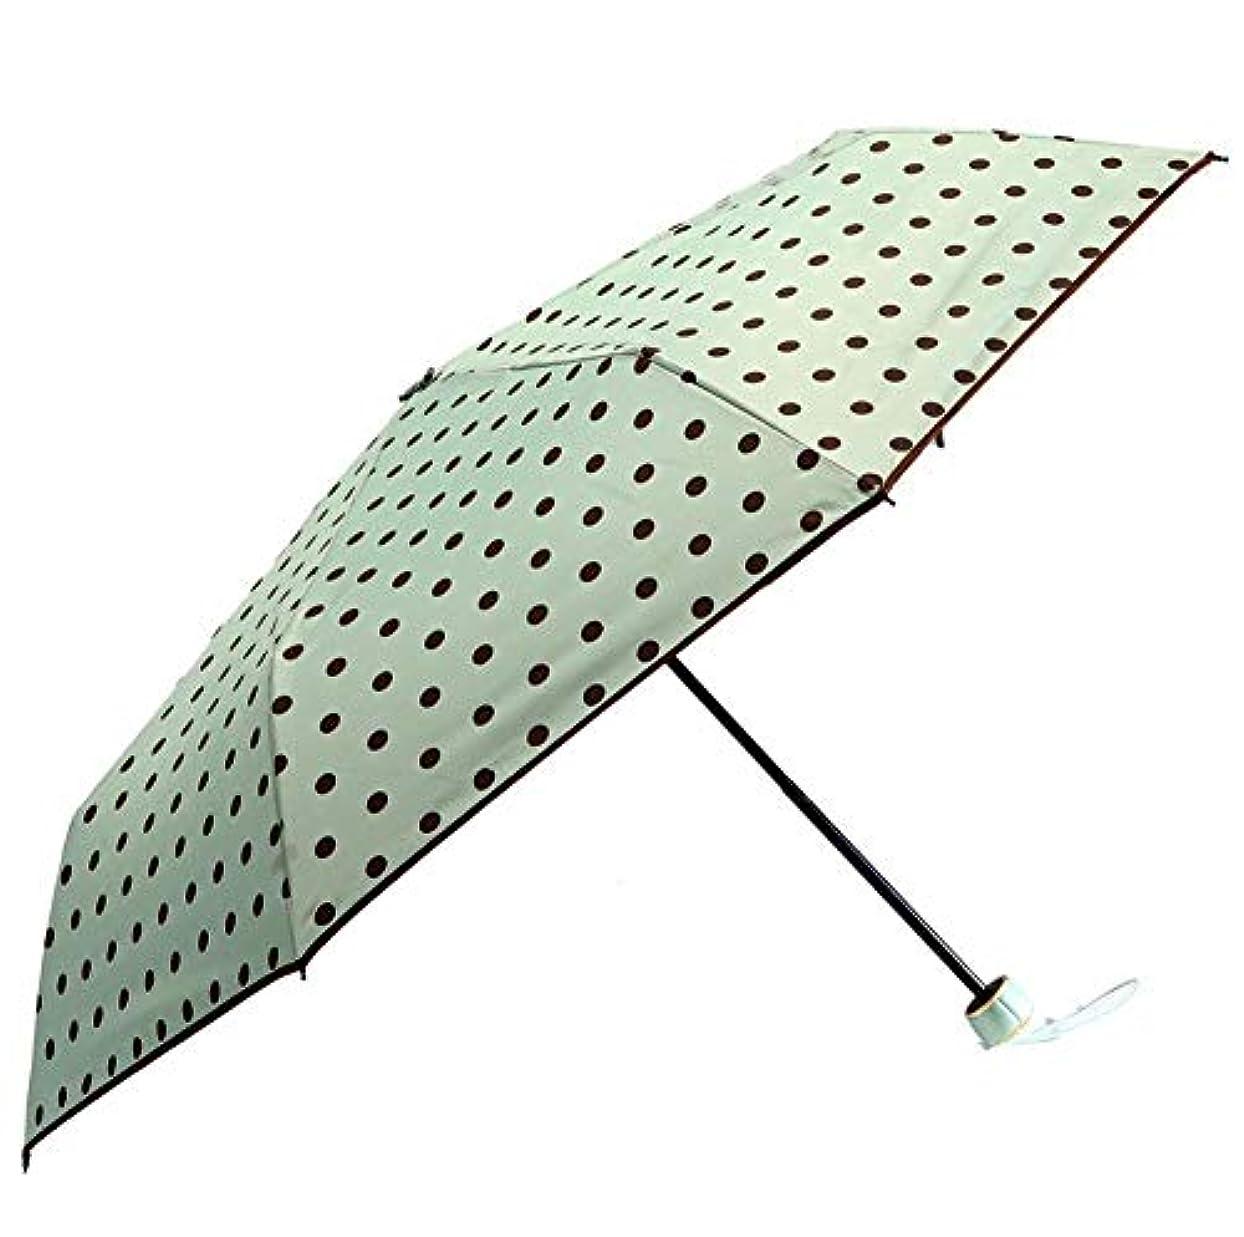 エスカレート日曜日個性Chuangshengnet 傘紫外線保護日当たりの良い傘ドット日当たりの良い傘3つのセクションUV保護折りたたみ傘パラソル傘 (Color : 緑)